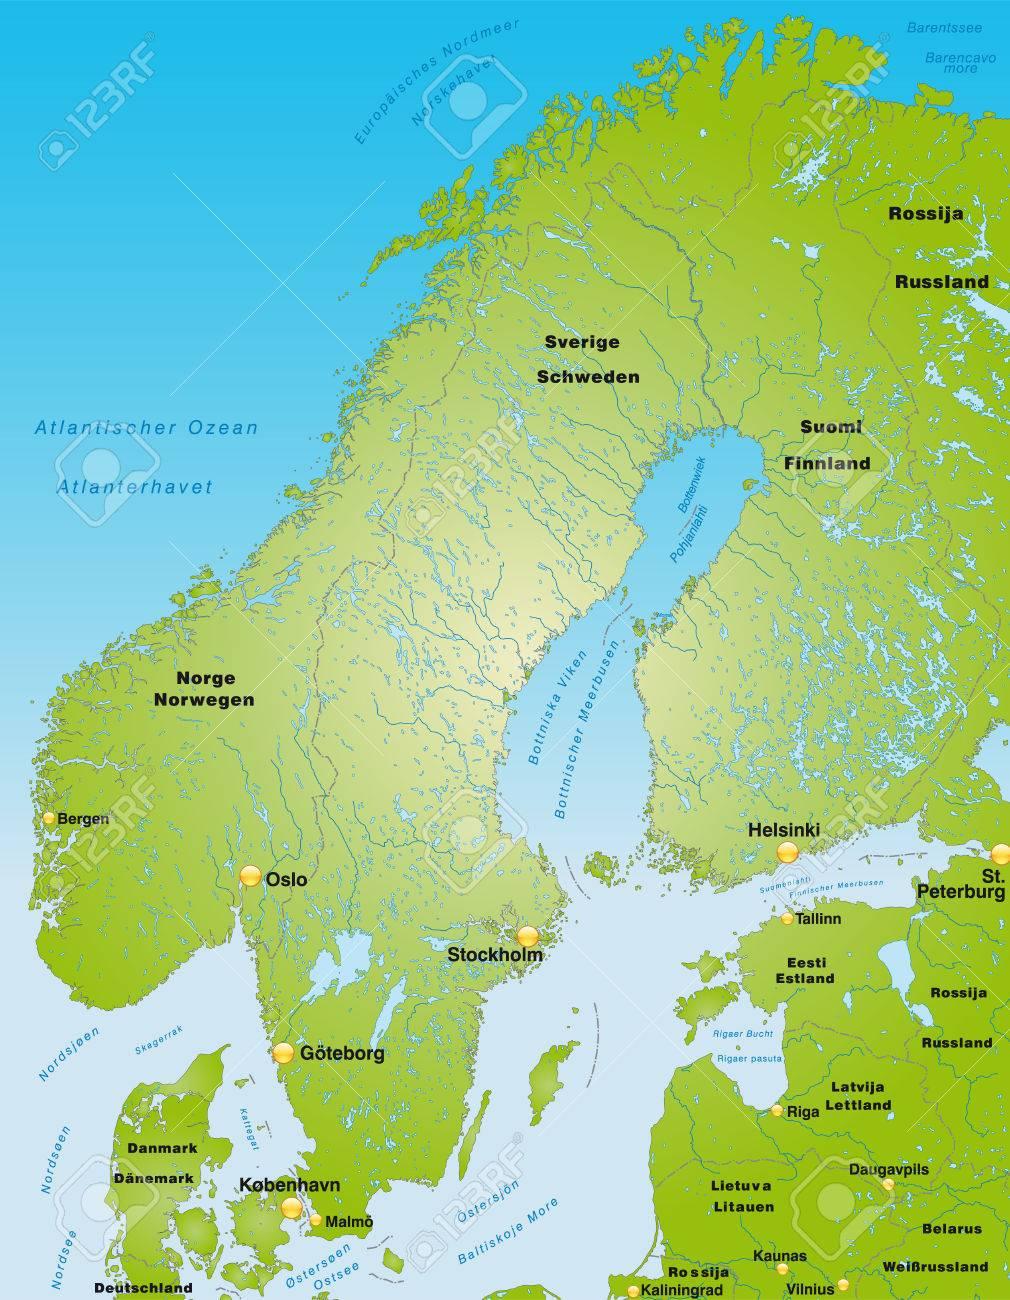 karte skandinavien Karte Von Skandinavien Als Einer Übersichtskarte In Grün